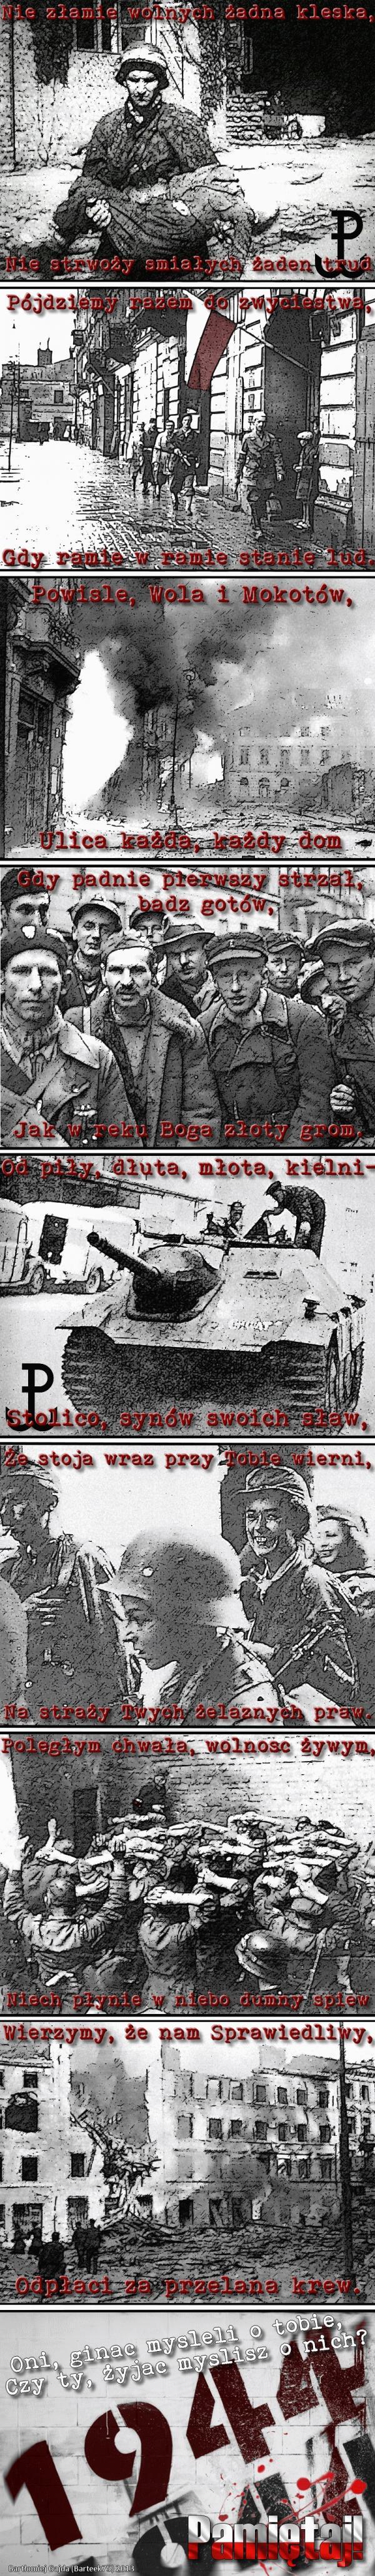 Powstanie warszawskie - Pamiętaj!